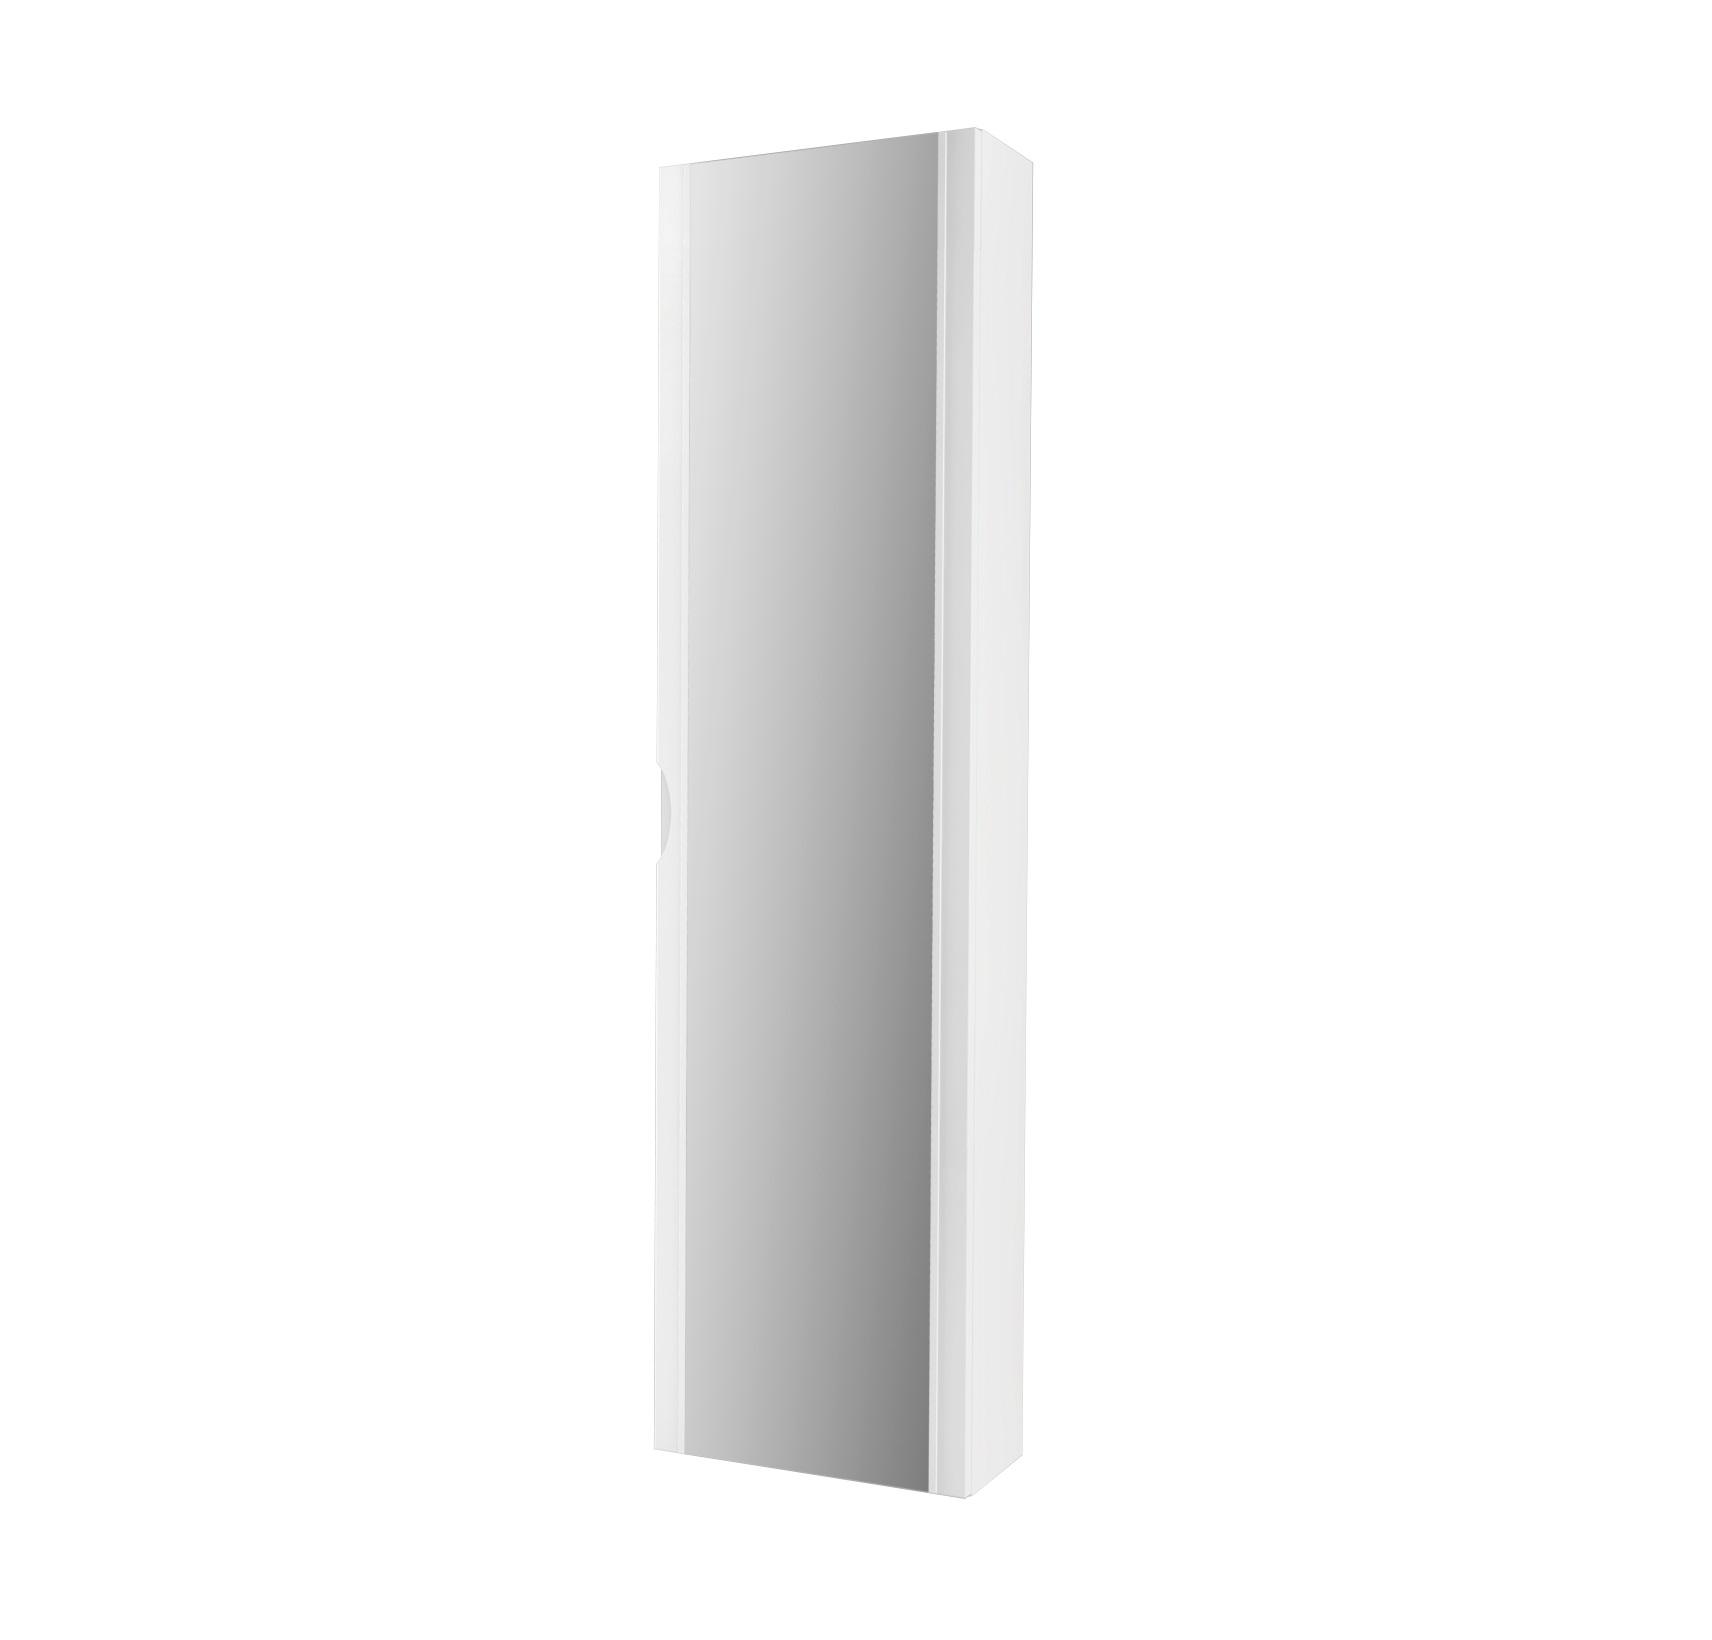 44676 bianco lucido colonna specchio badenhaus